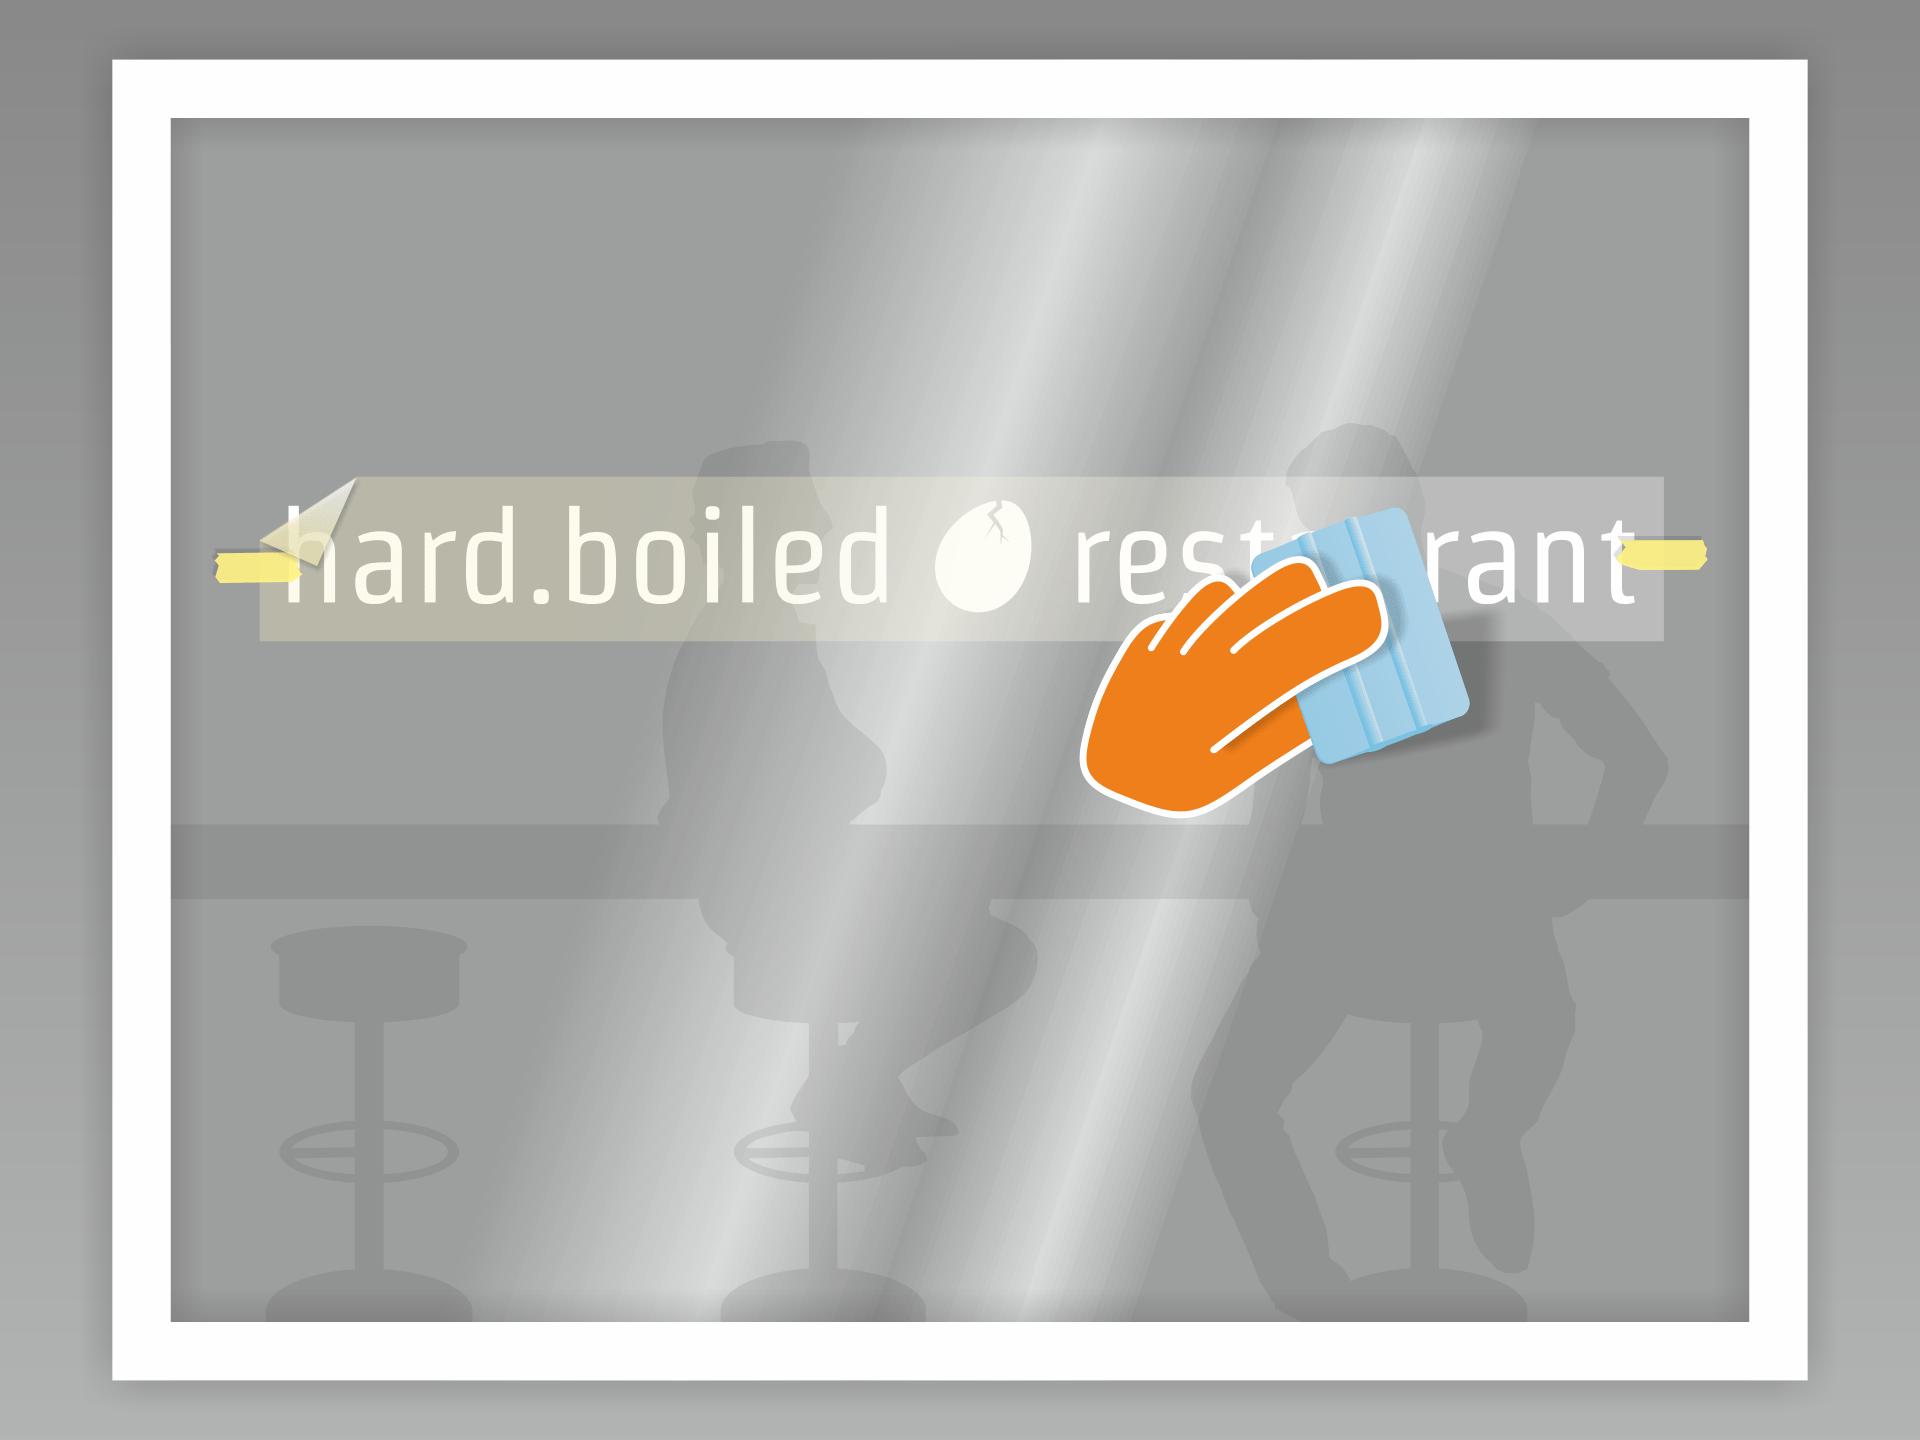 Jetzt die erste Hälfte mit etwas Abstand straff über den Untergrund halten und von der Mitte aus mit dem Rakel (hilfsweise Kreditkarte) andrücken. Mit der zweiten Hälfte genauso verfahren. Zum Schluss die Übertragungsfolie vorsichtig in flachem Winkel abziehen - fertig!